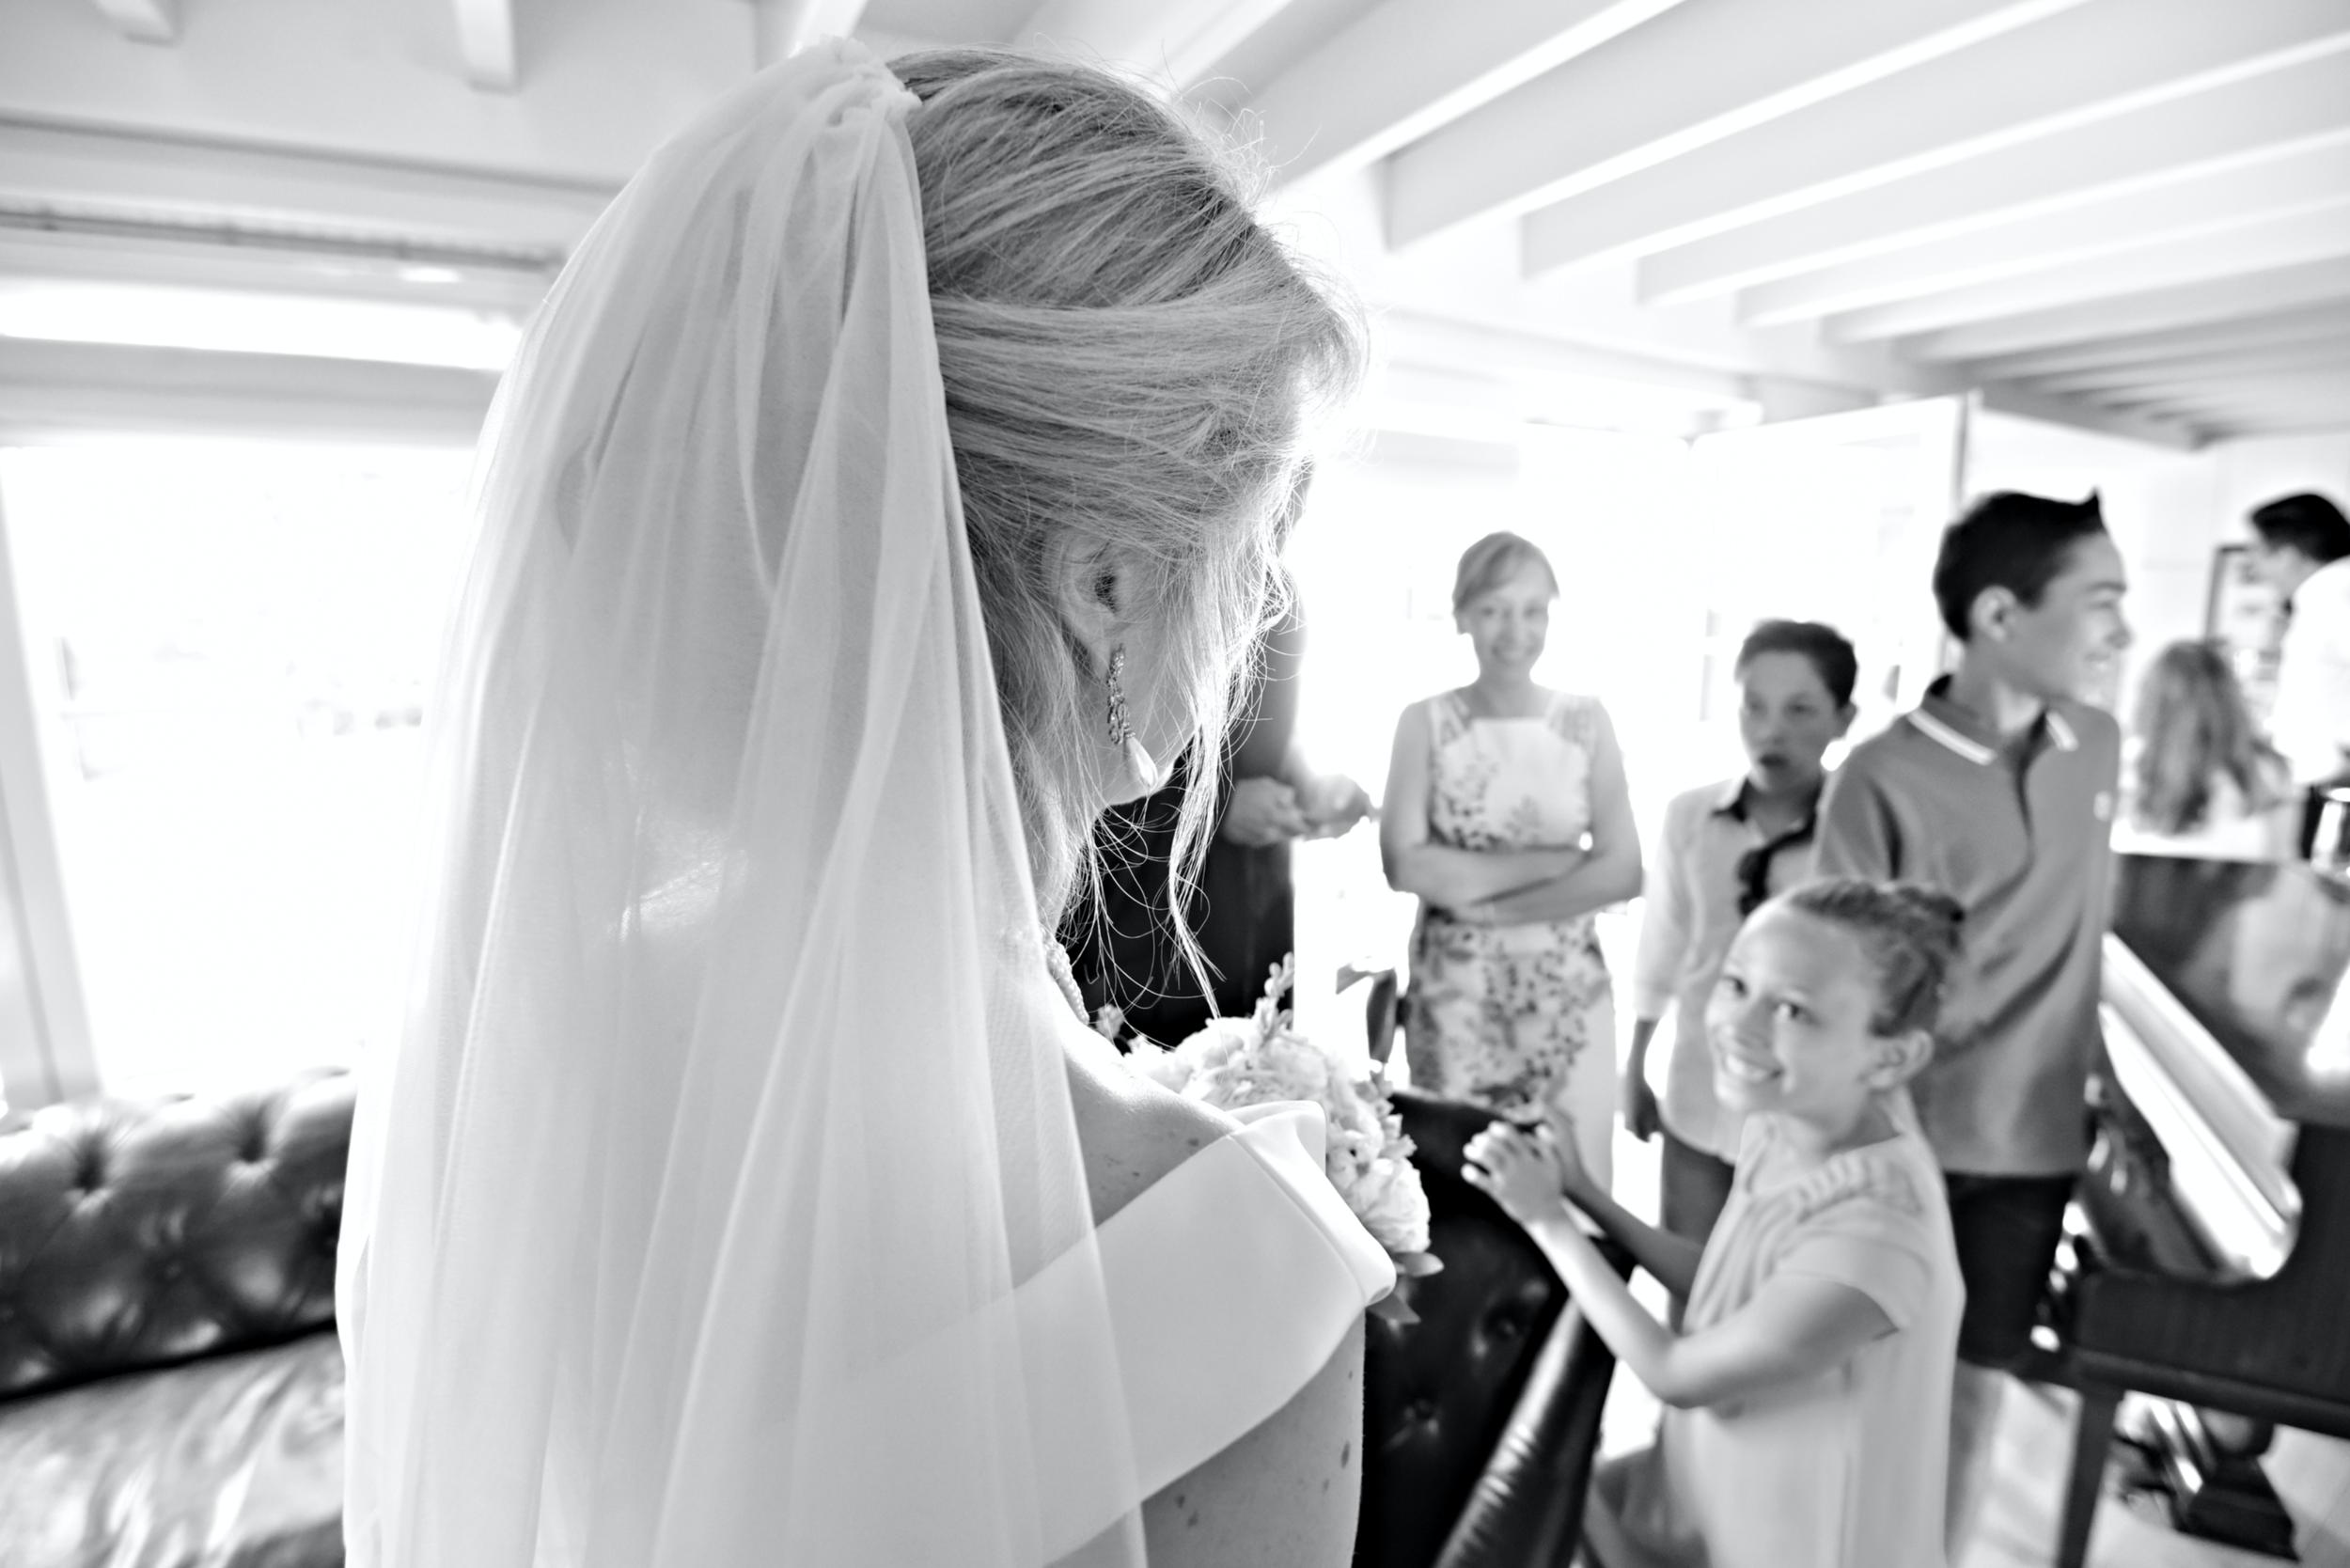 bart albrecht huwelijksfotograaf trouwfotograaf trouwen huwelijk fotografie huwelijksfotografie beste wedding weddingphotographer trouwreportage bruidsfotografie bruidsfotograaf0004.png